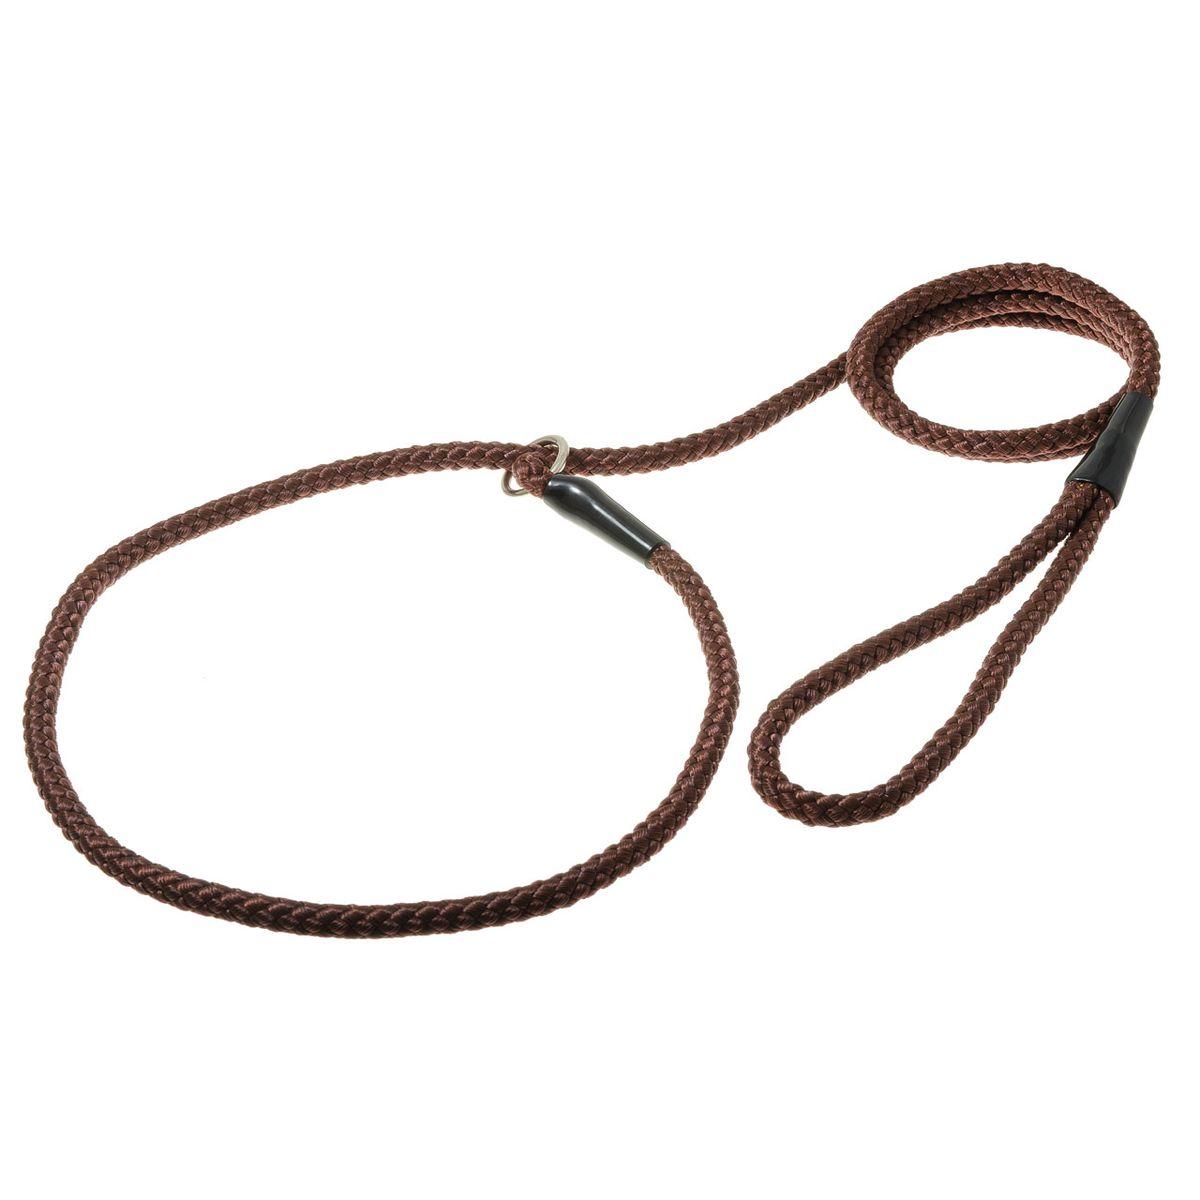 Поводок-удавка с кольцом нейлоновый канат 8мм*170см (коричневый)PDE0868BR